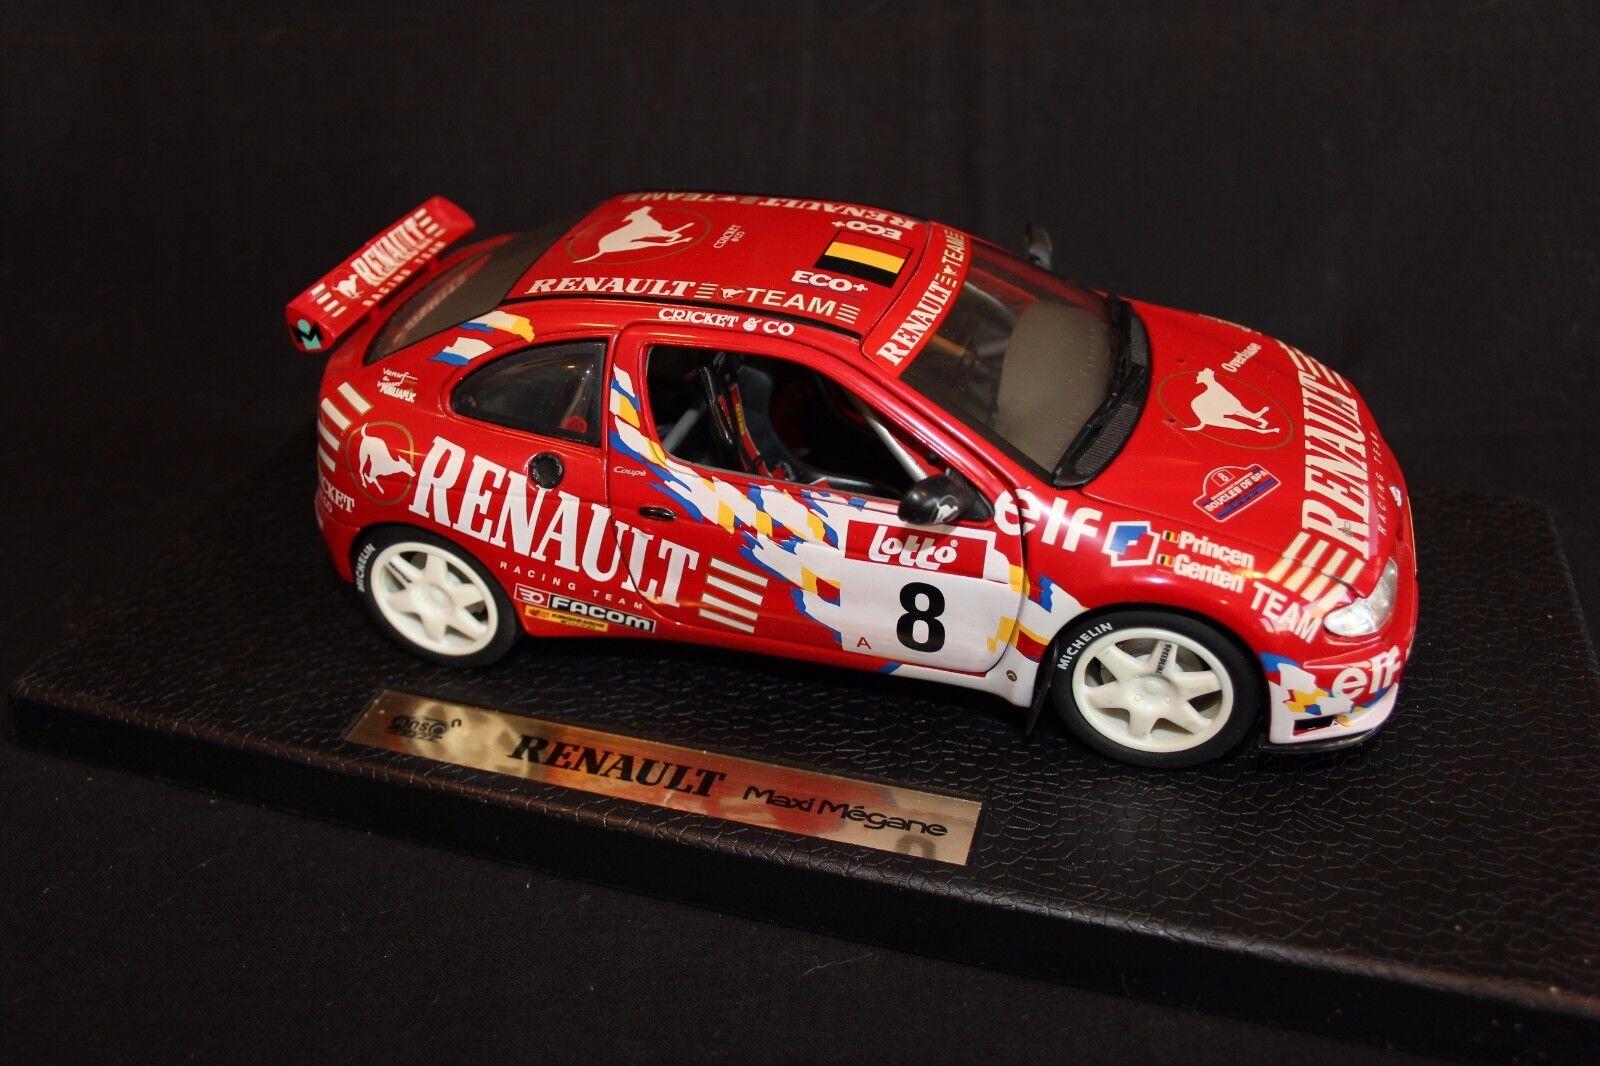 Anson DV Renault Maxi Megane 1999 1:18  8 Princen / Genten Boucles de Spa  AK